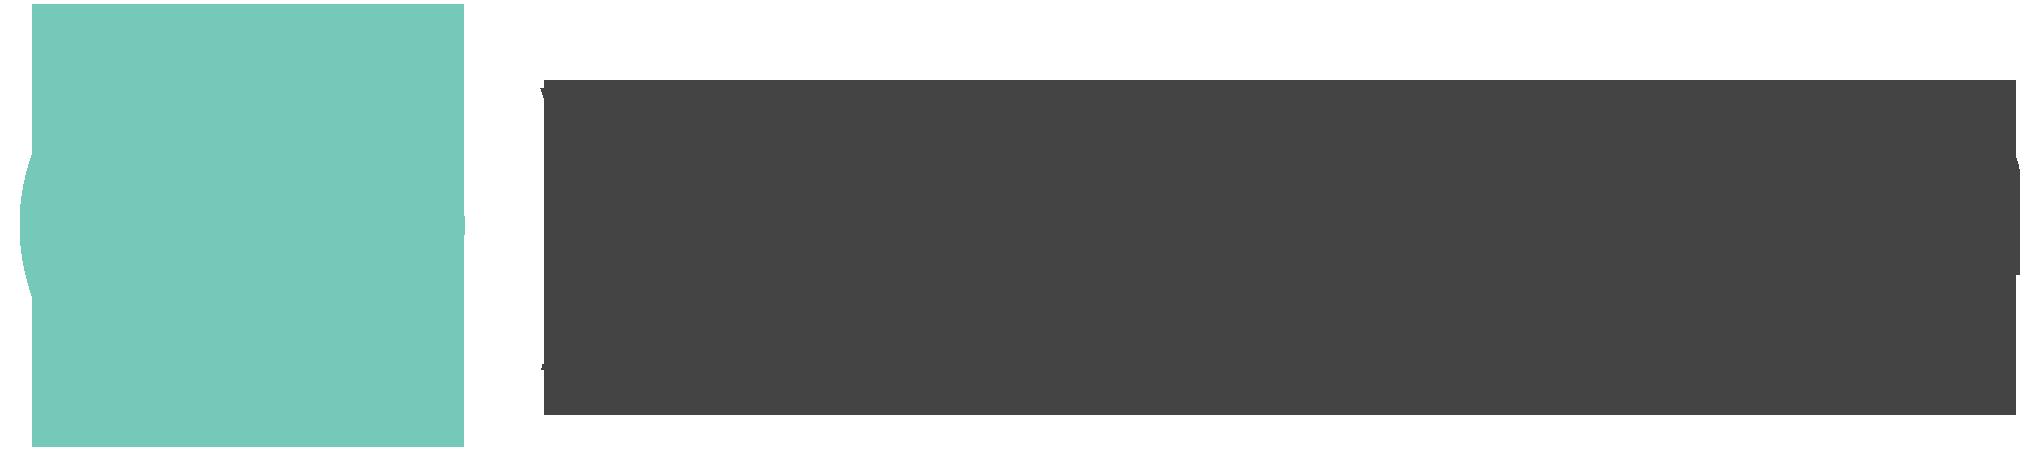 Website Design by Voixly Logo (full size – dark)